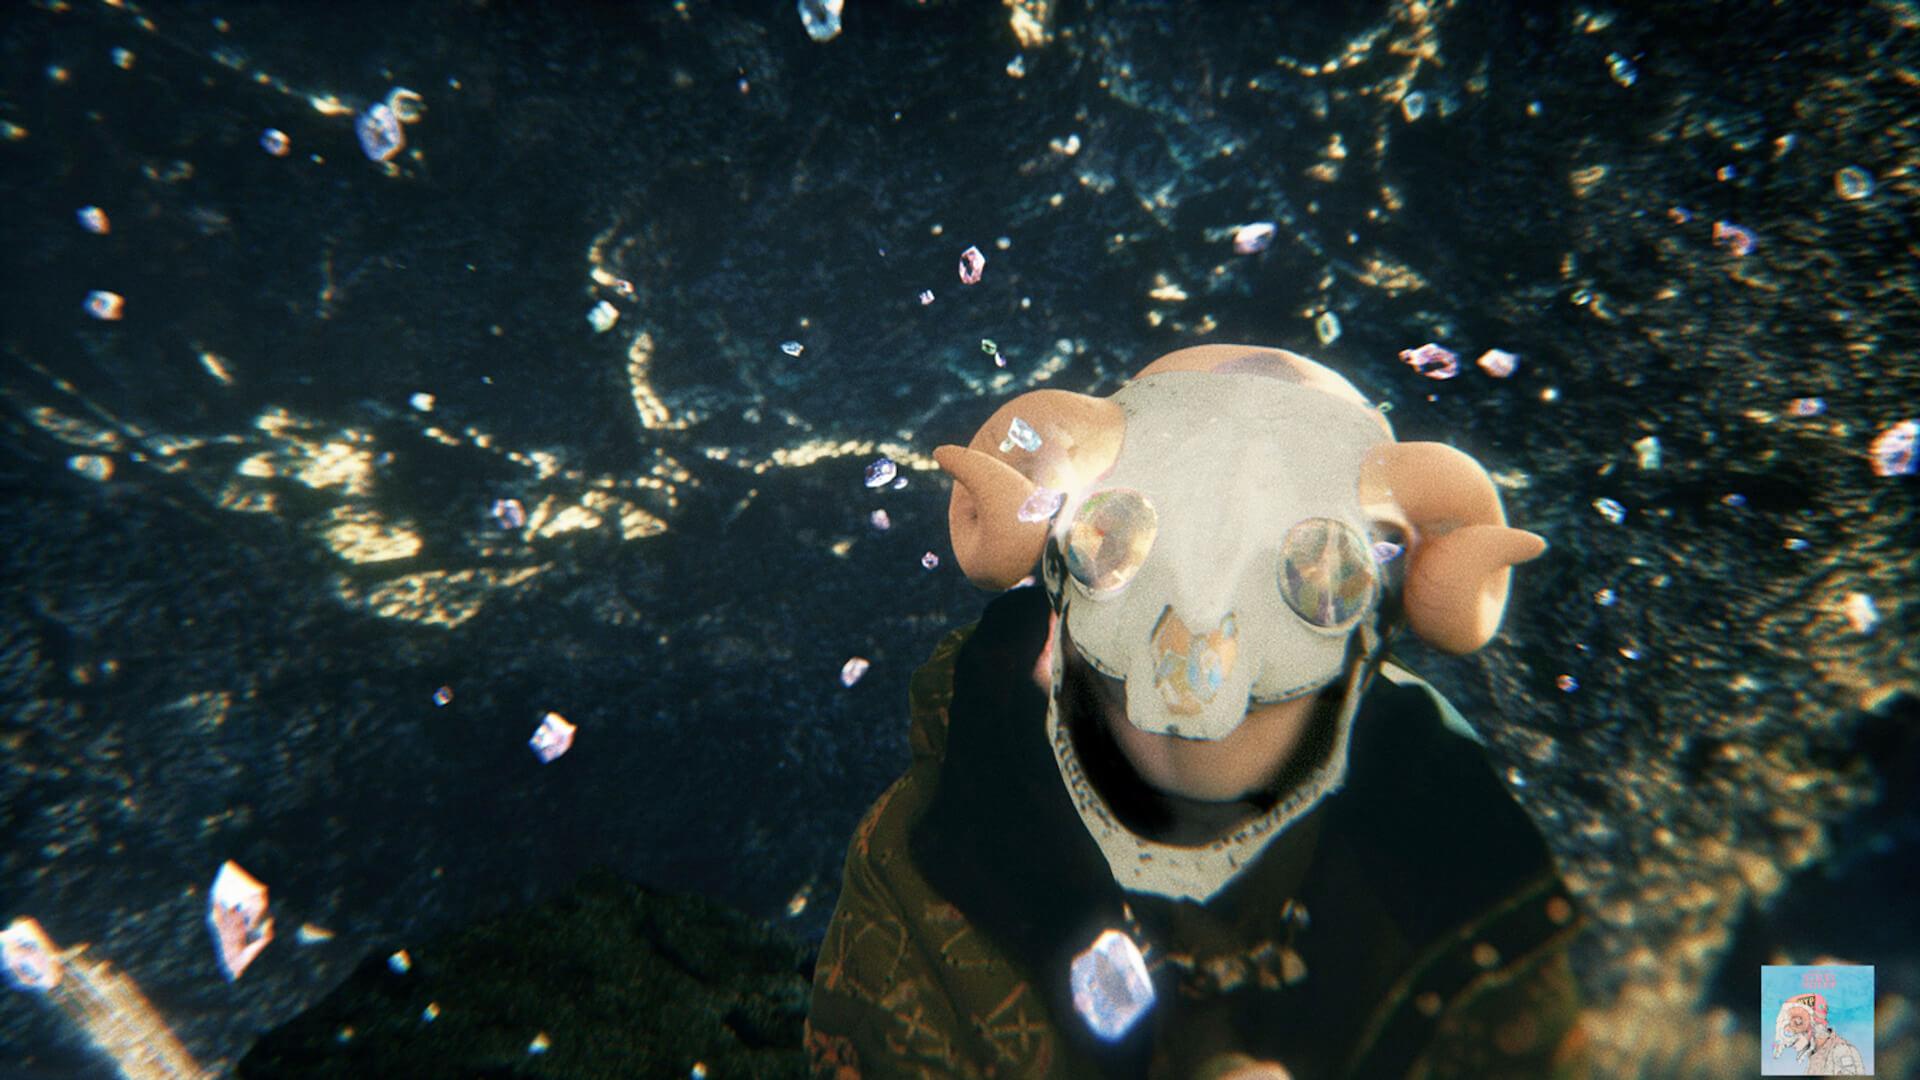 米津玄師『STRAY SHEEP』が2020年の音楽シーンを席巻!22冠達成で『フォートナイト』でのライブ映像を使用した新CMも放送開始 music201221_yonezukenshi_10